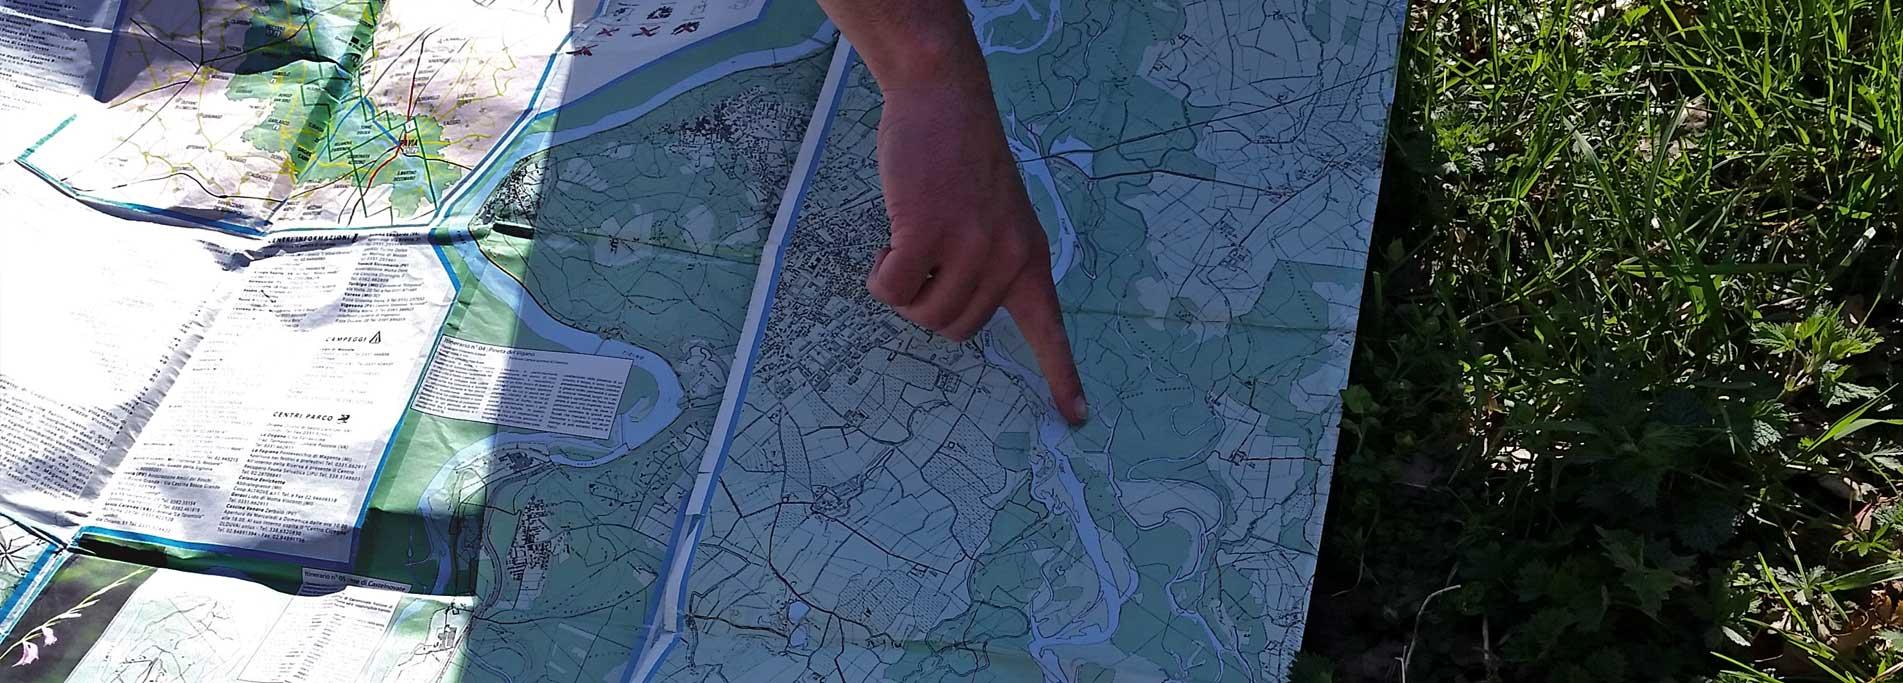 Orienteering naturalistico, piccoli esploratori con bussola e mappe